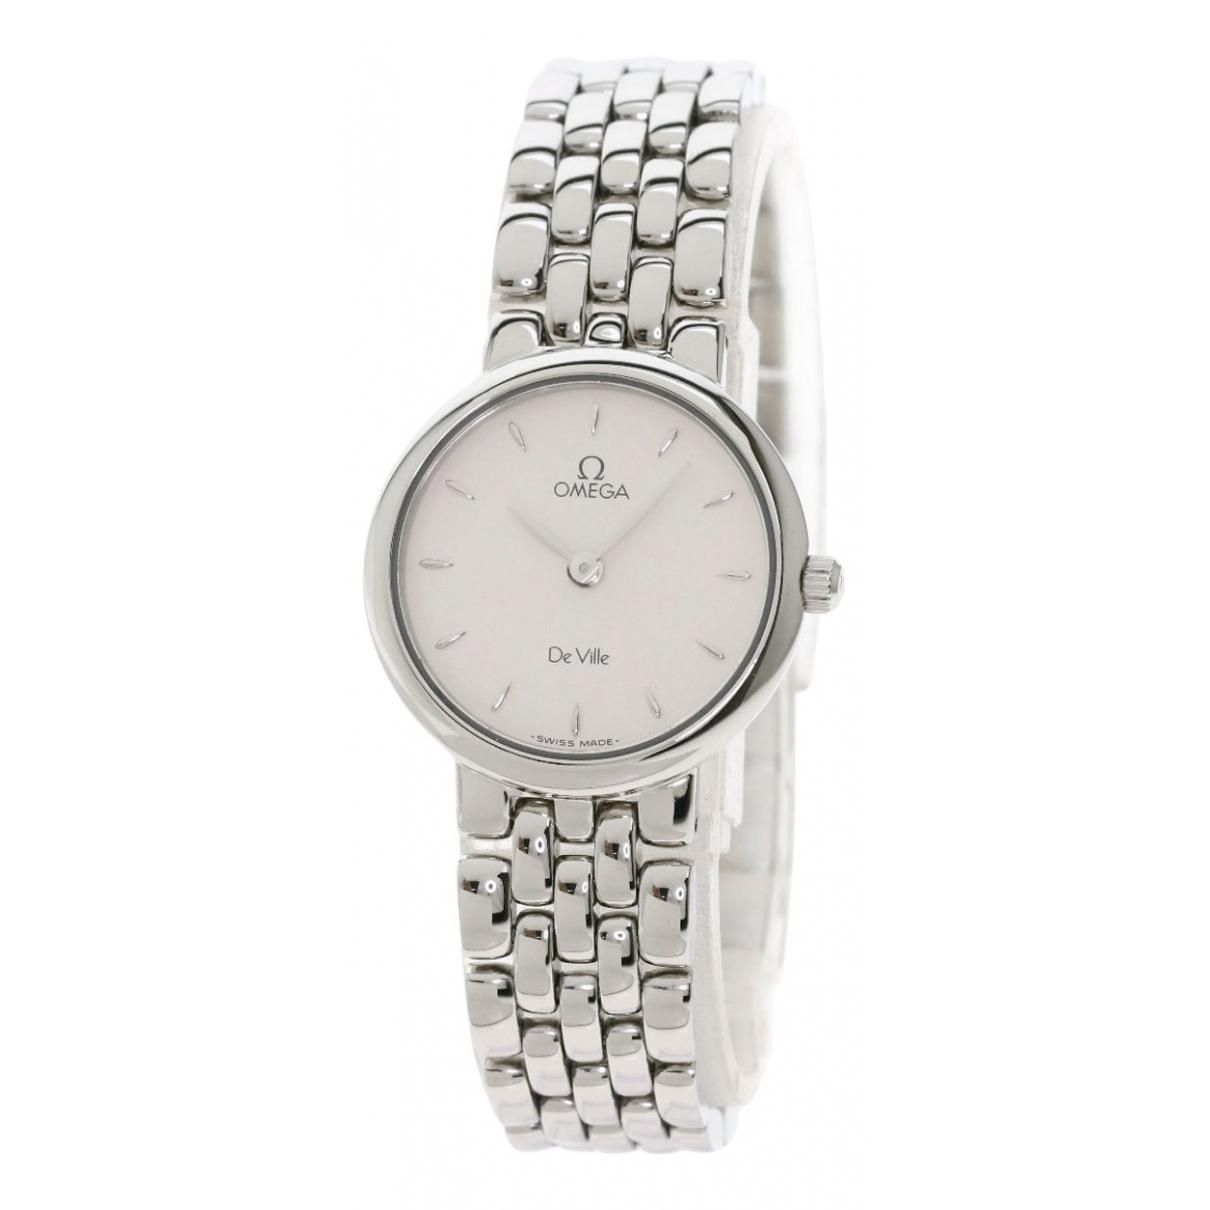 Omega De Ville  Uhr in  Silber Stahl